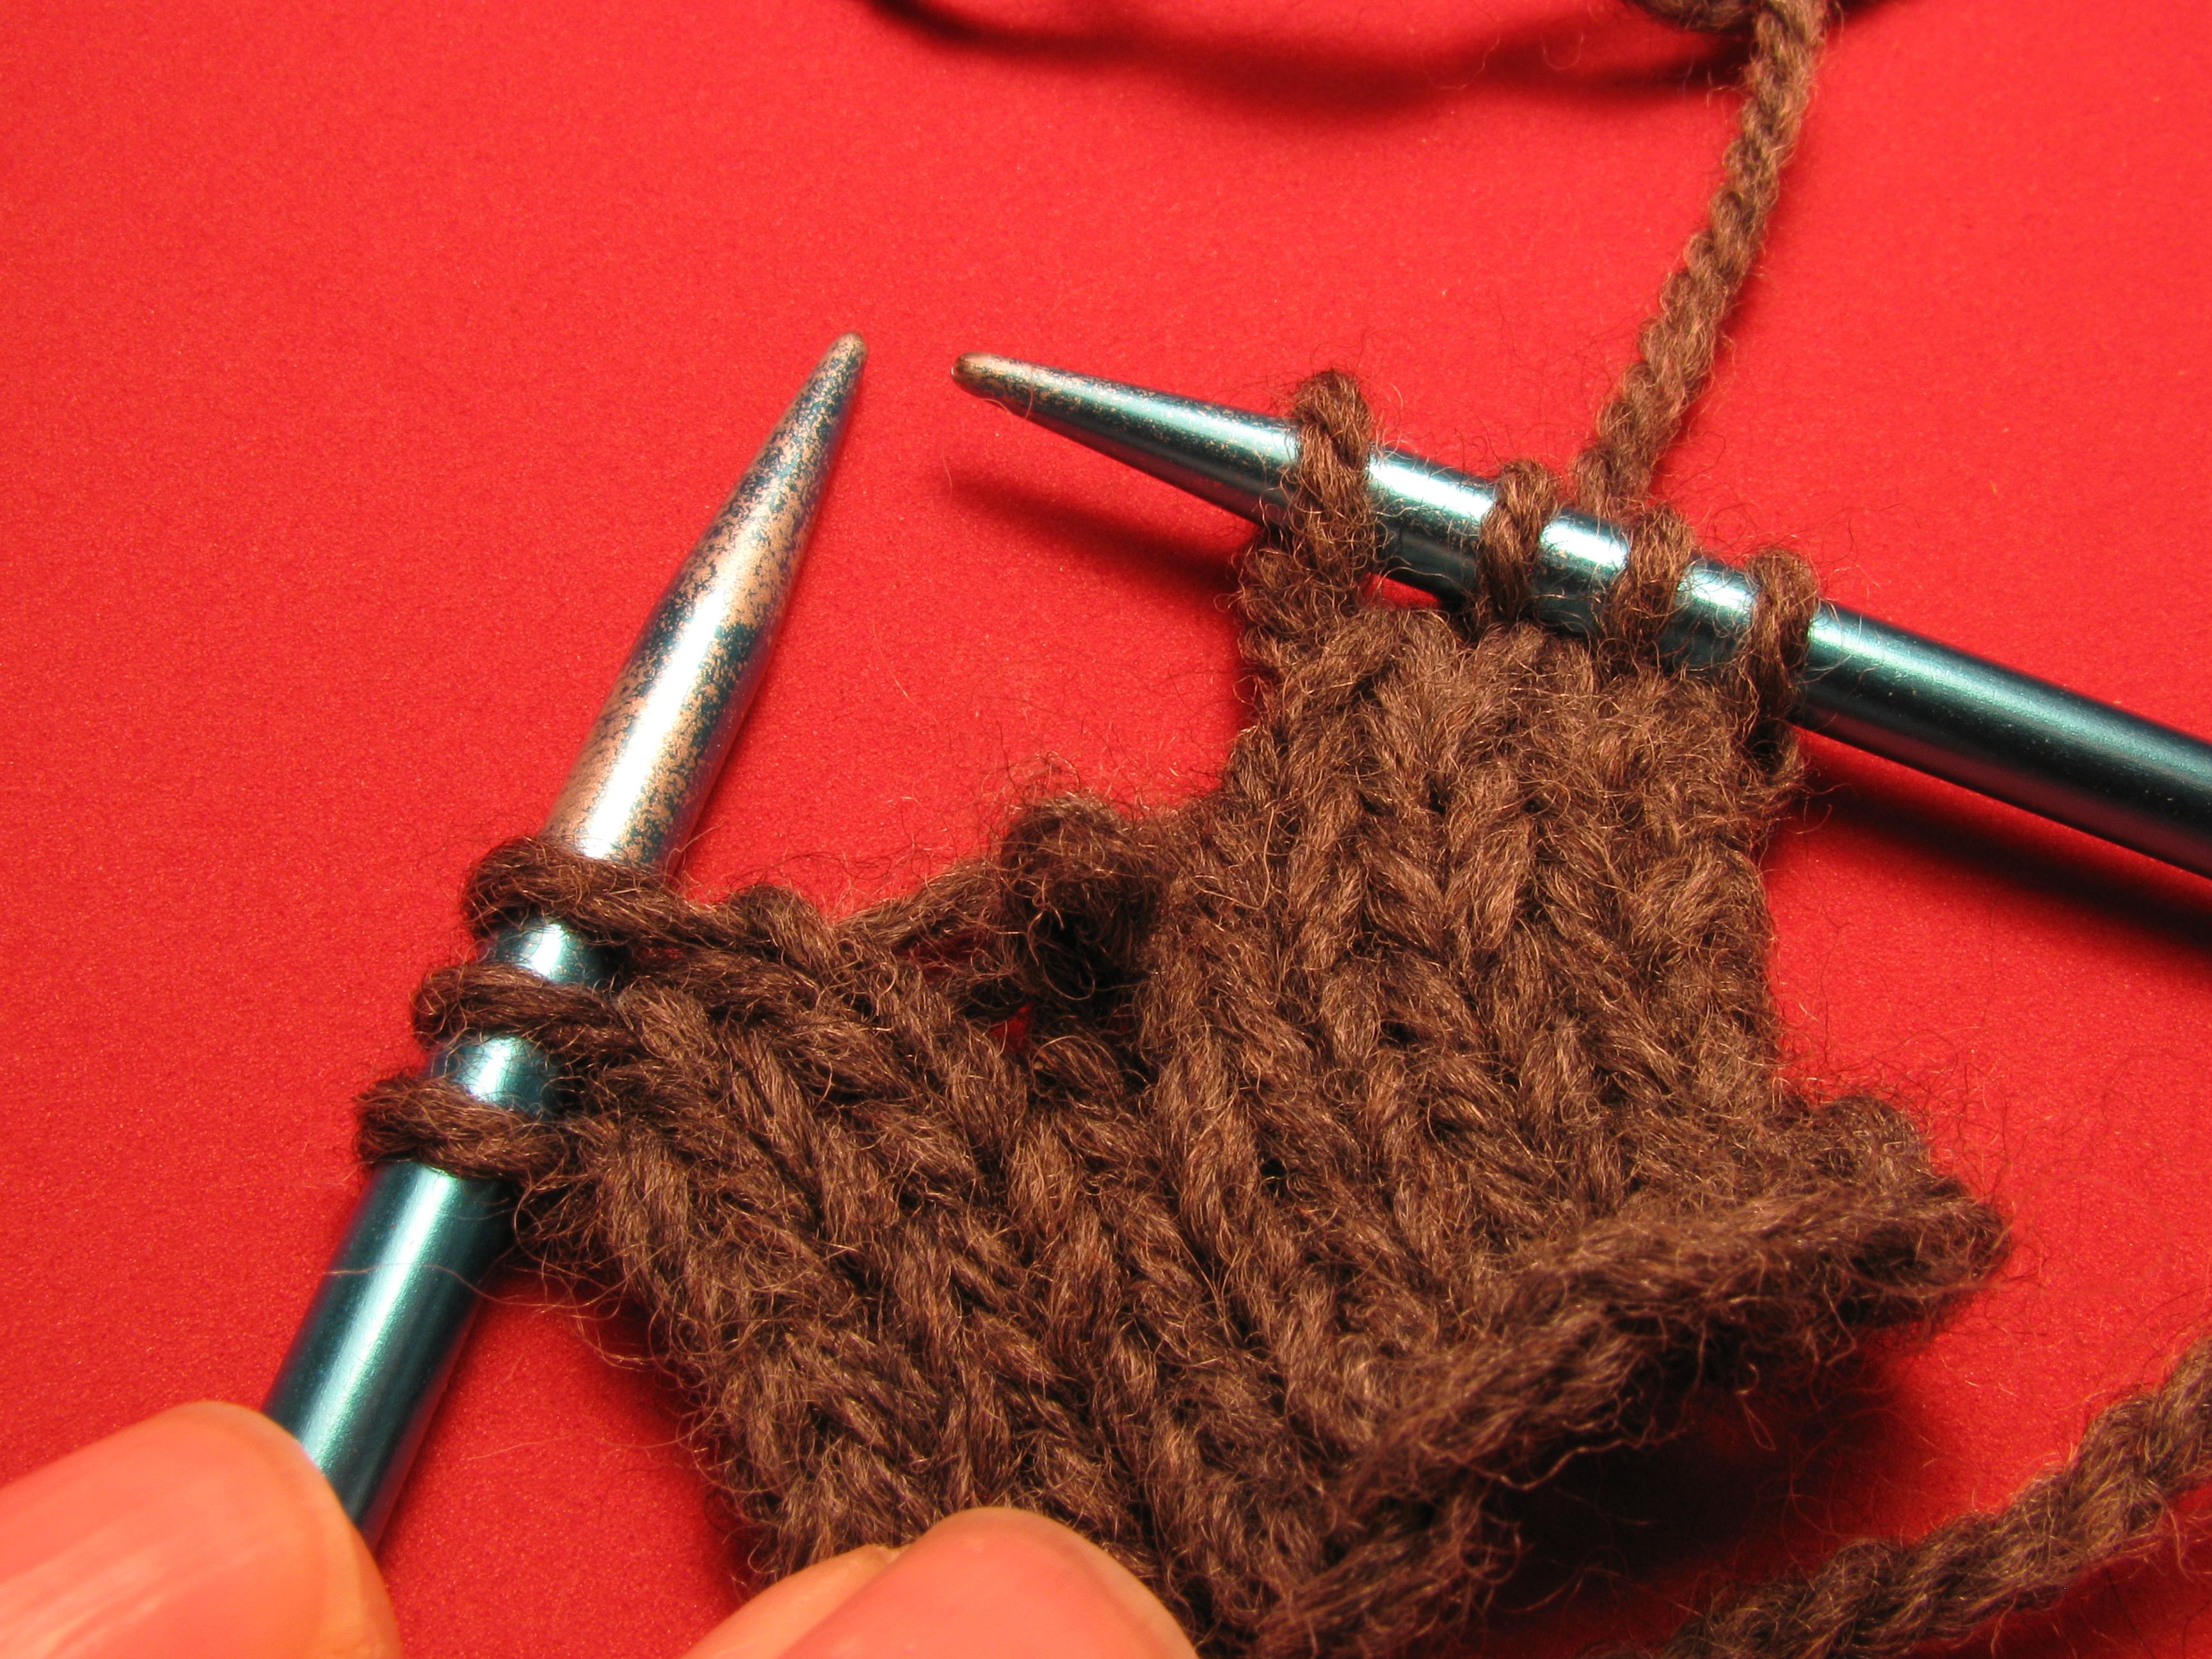 File:Knitting dropped stitch 1.jpg - Wikimedia Commons